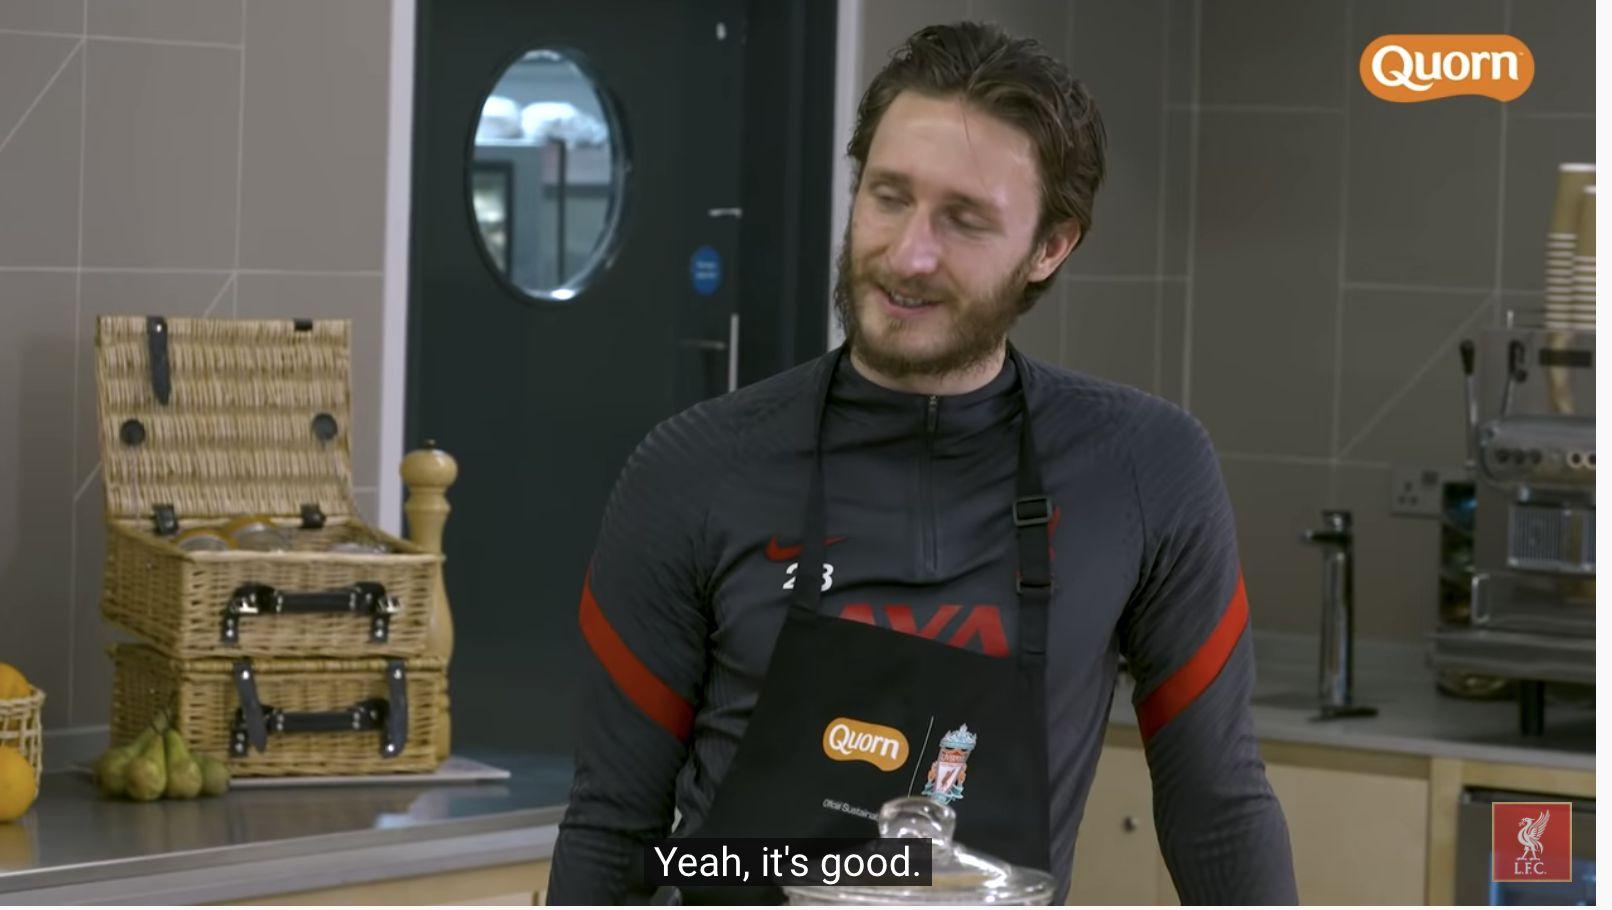 (Video) Ben Davies stars in Liverpool's promo Quorn advert